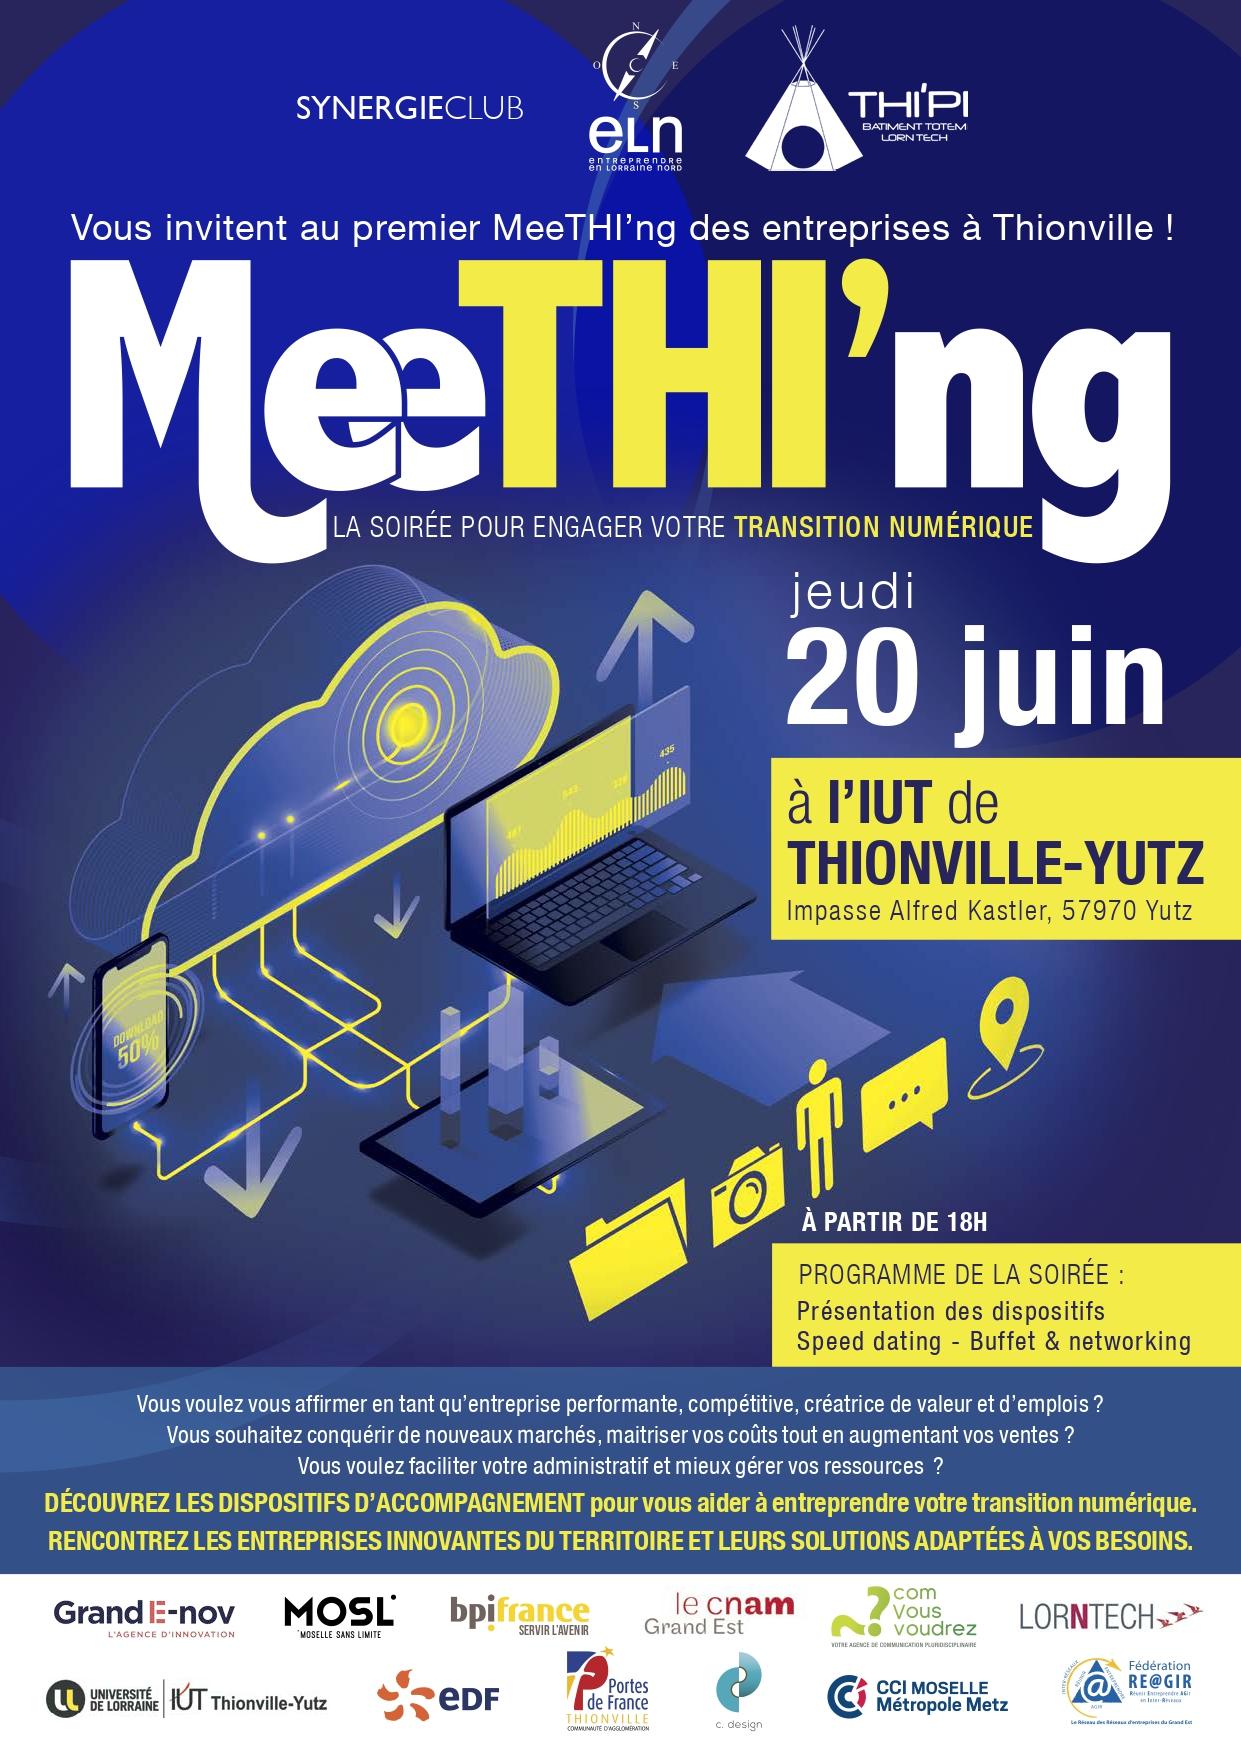 evenement meething 20 juin 2019